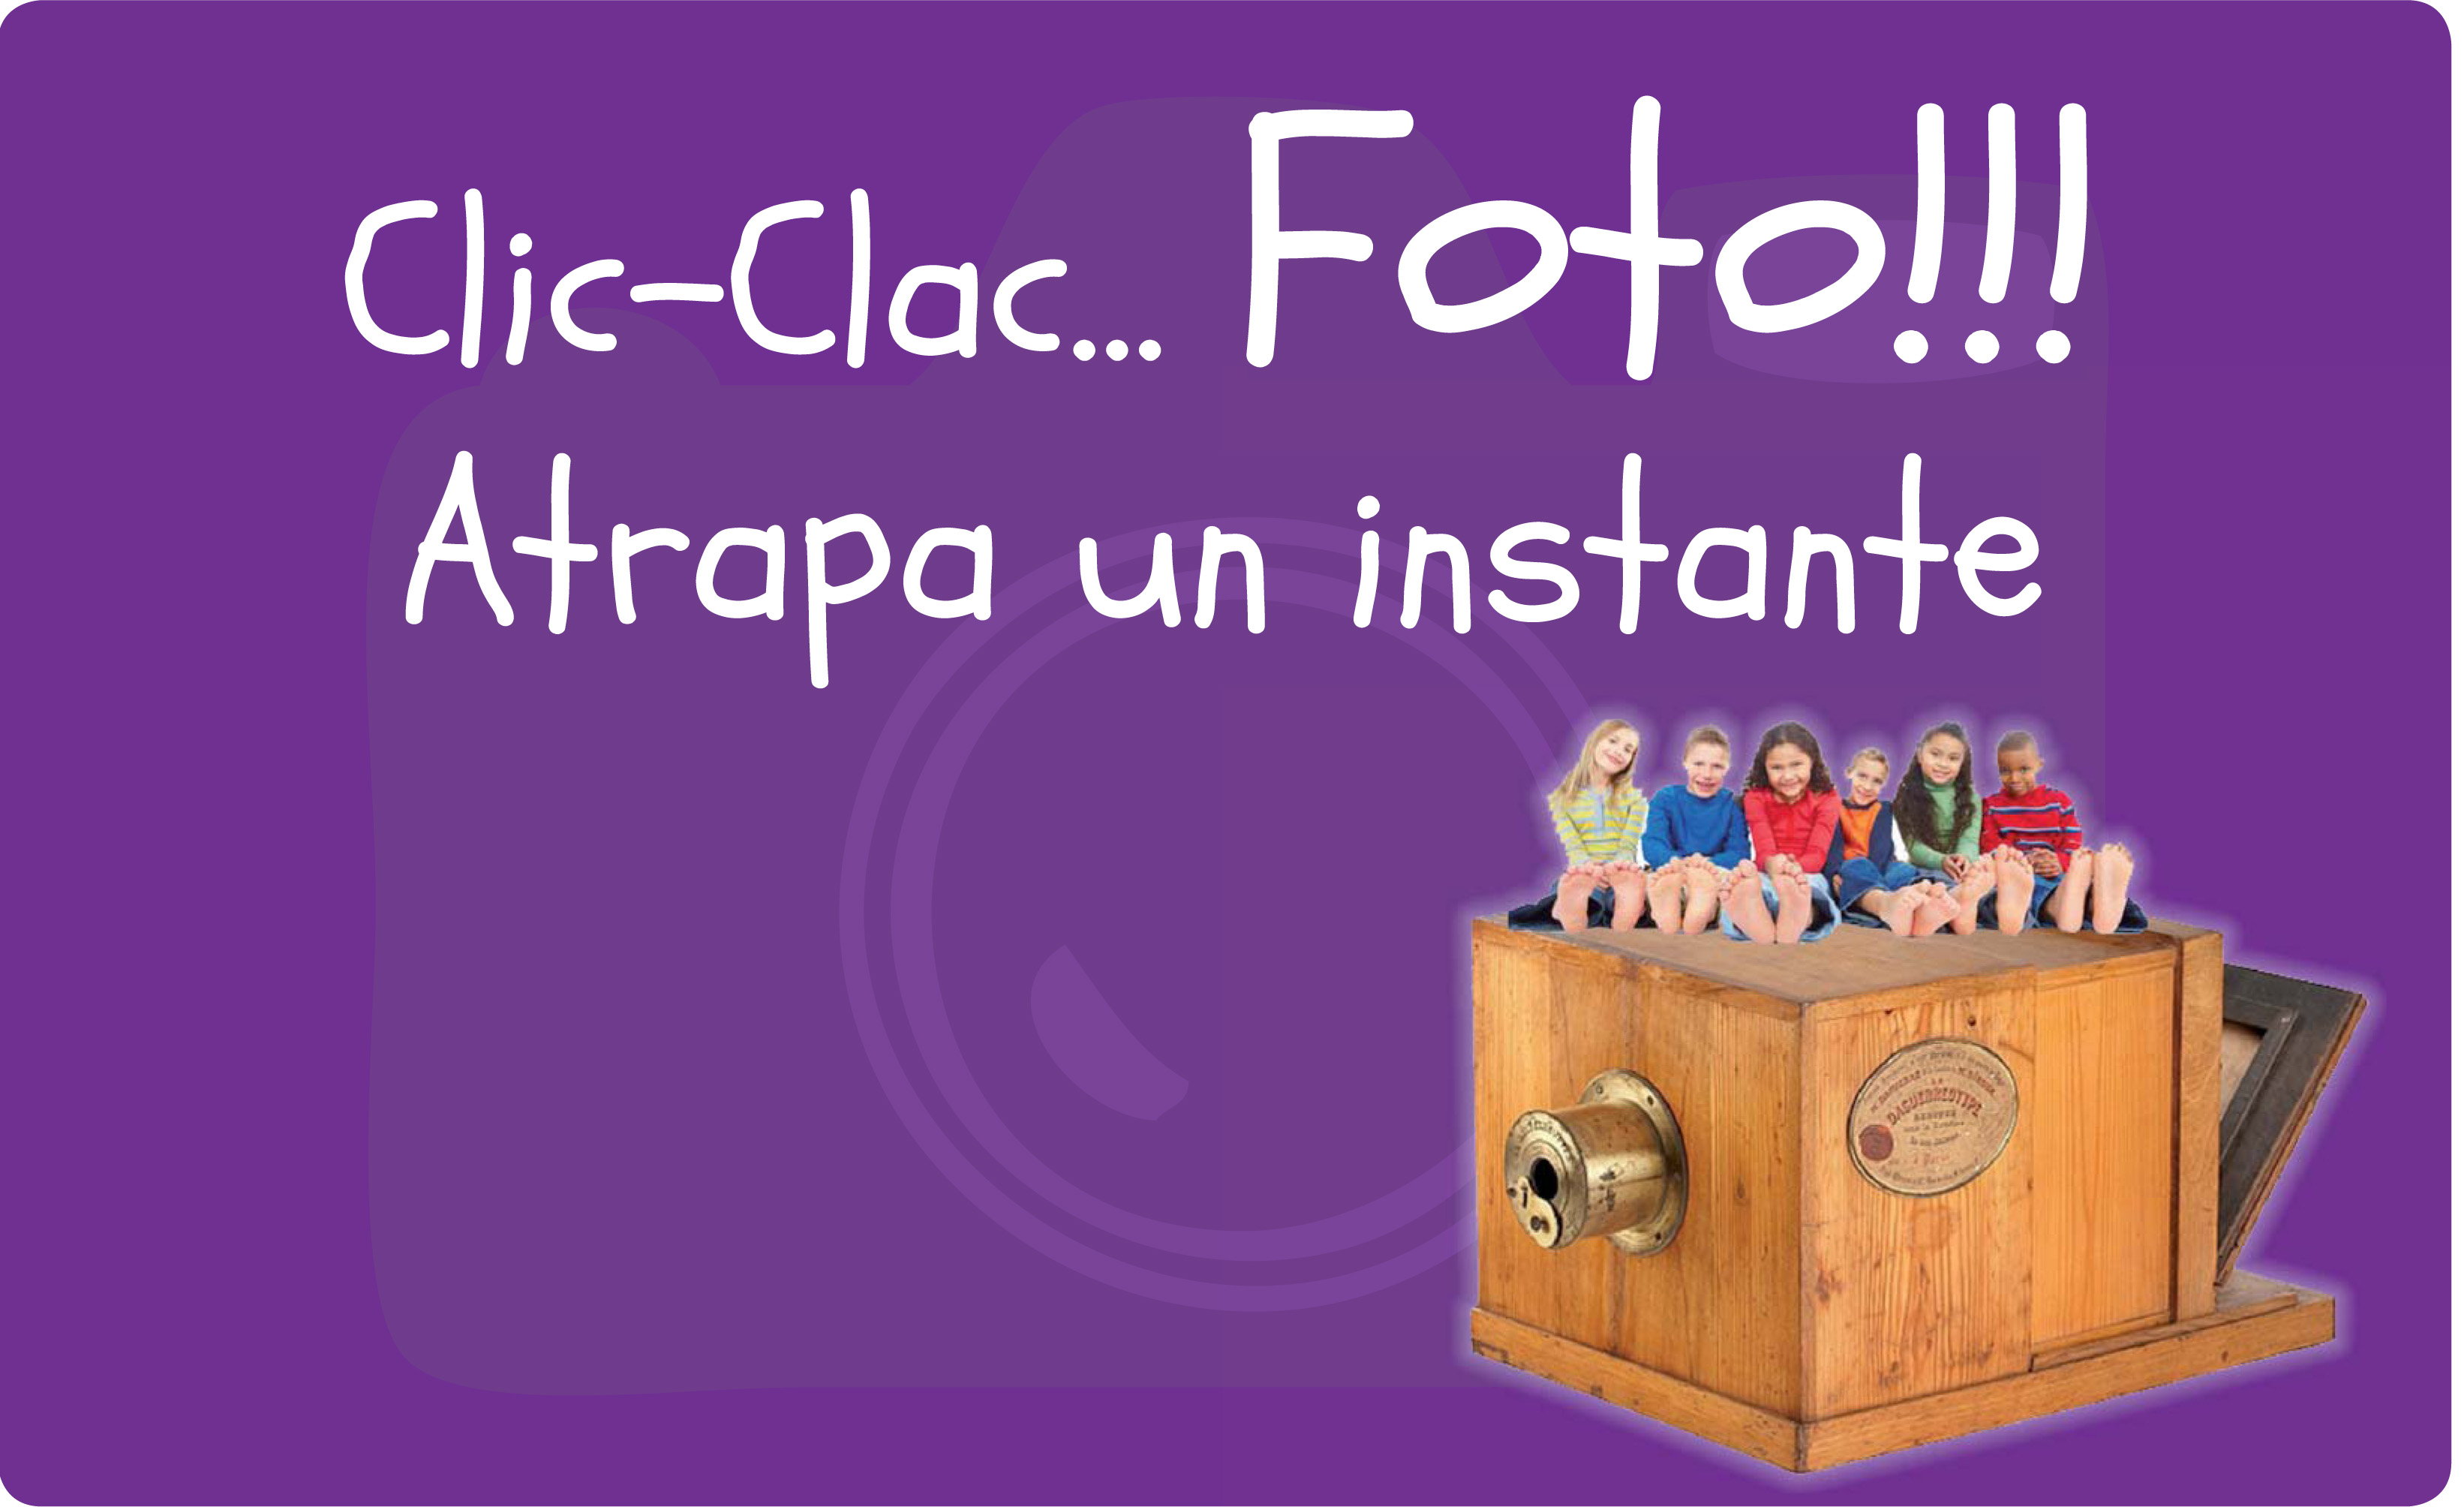 Clic clac foto culturama sl - Comment monter un clic clac ...